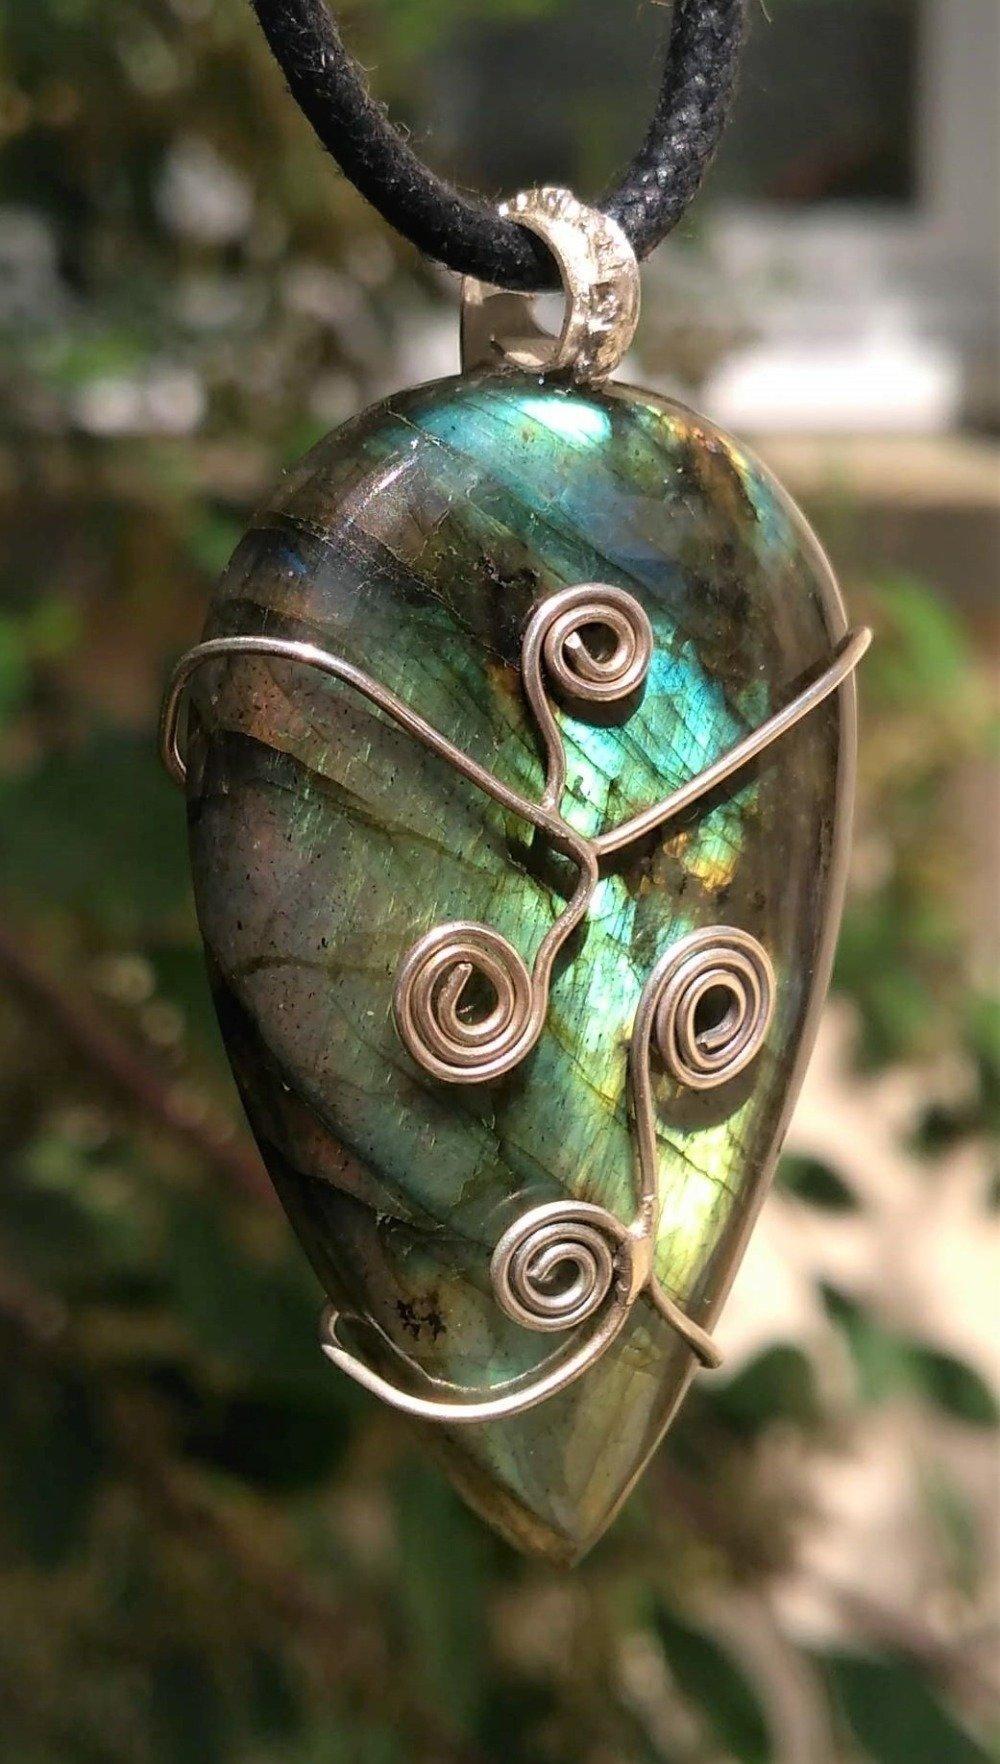 Collier avec pendentif celtique en labradorite et spirale en argent